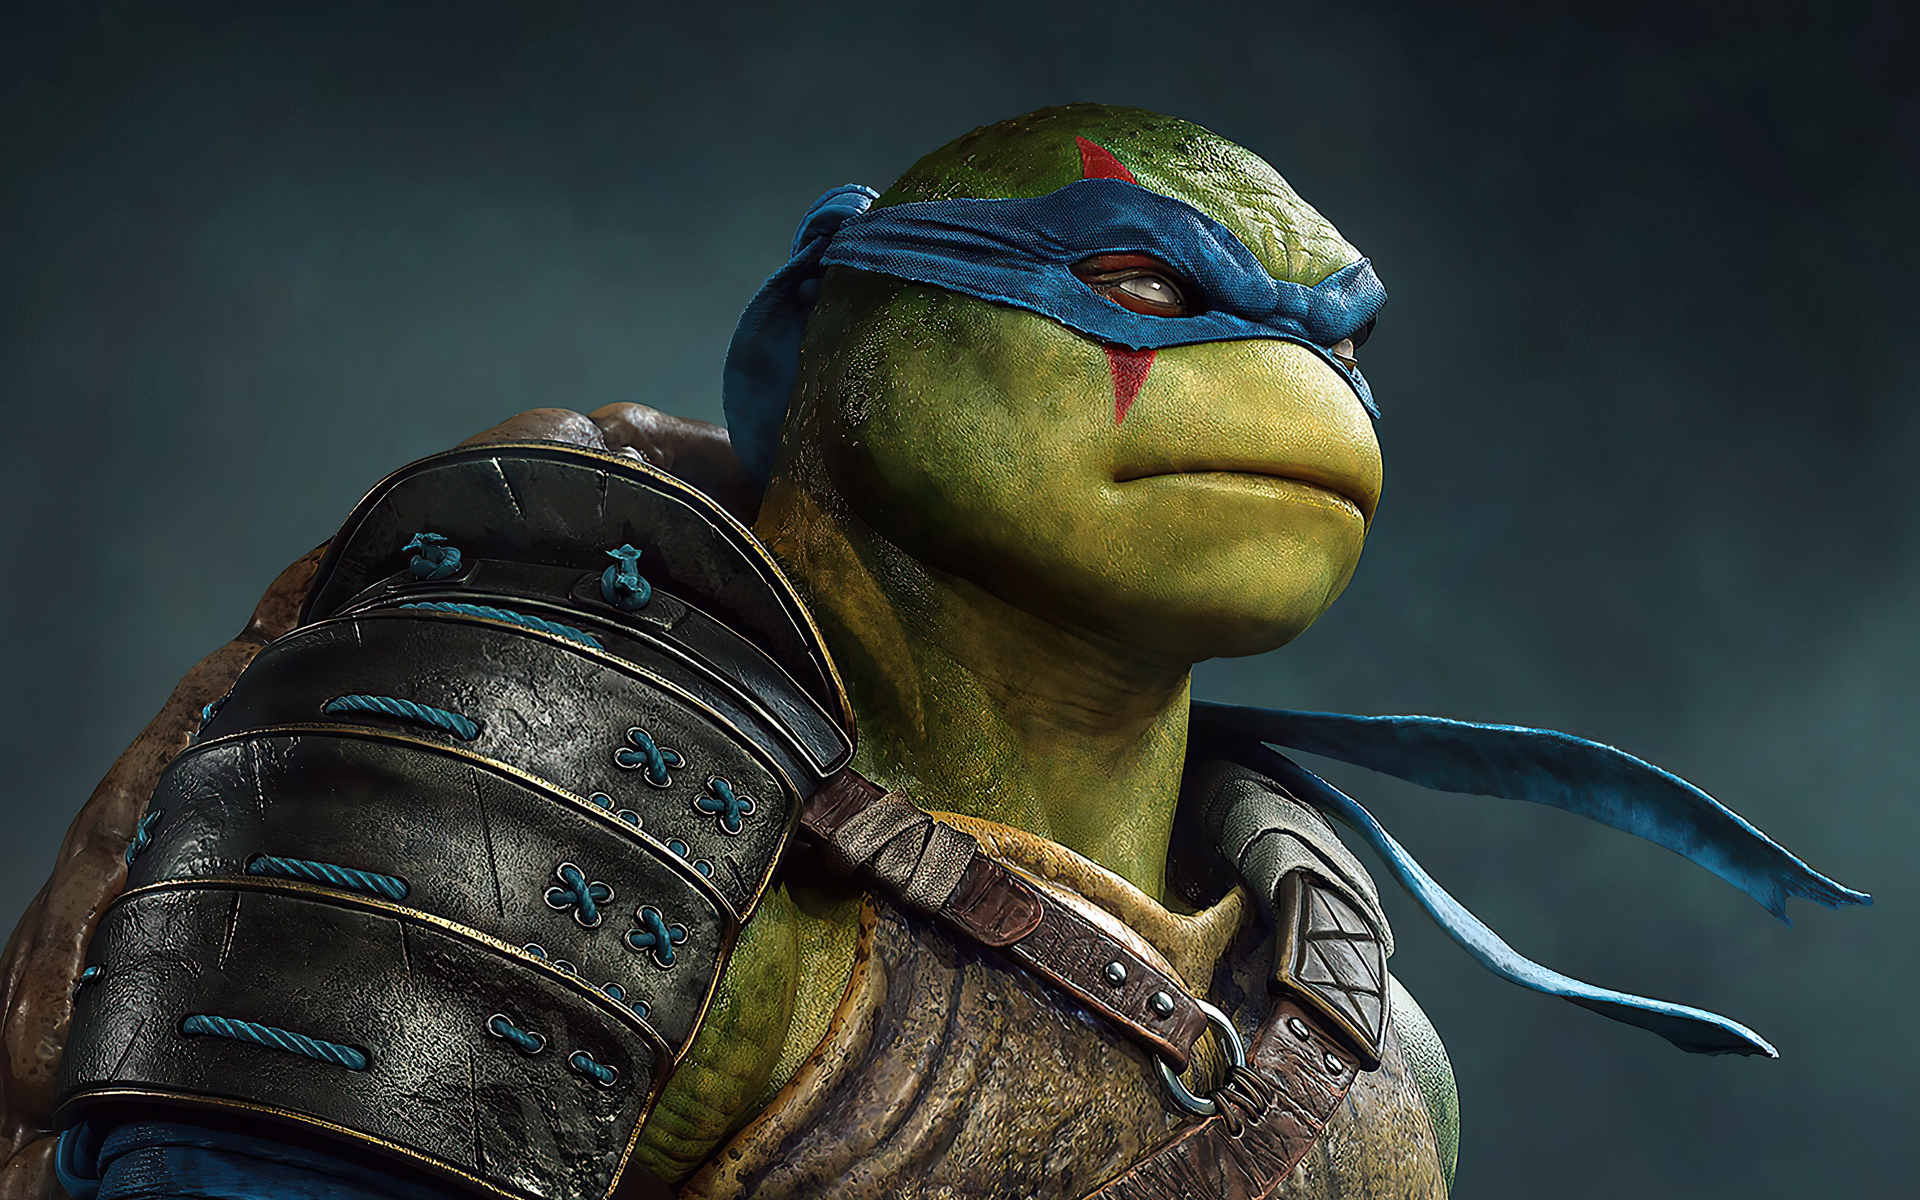 leonardo-ninja-turtle-4k-u3.jpg